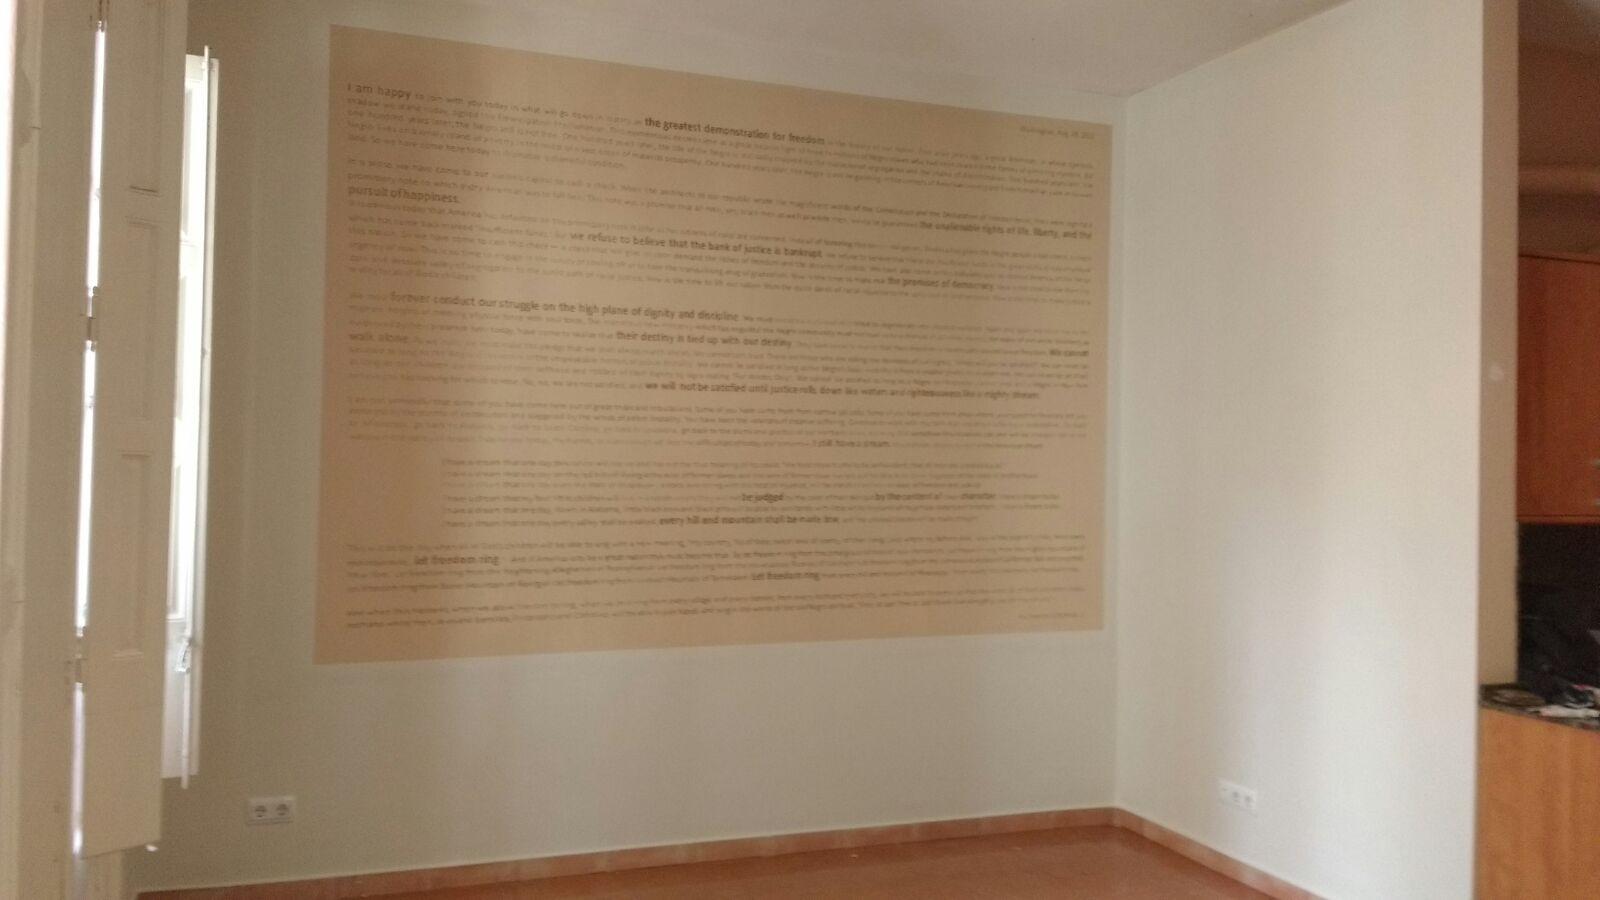 Trabajos de pintura archivos pintures barcelona - Trabajo de pintor en barcelona ...